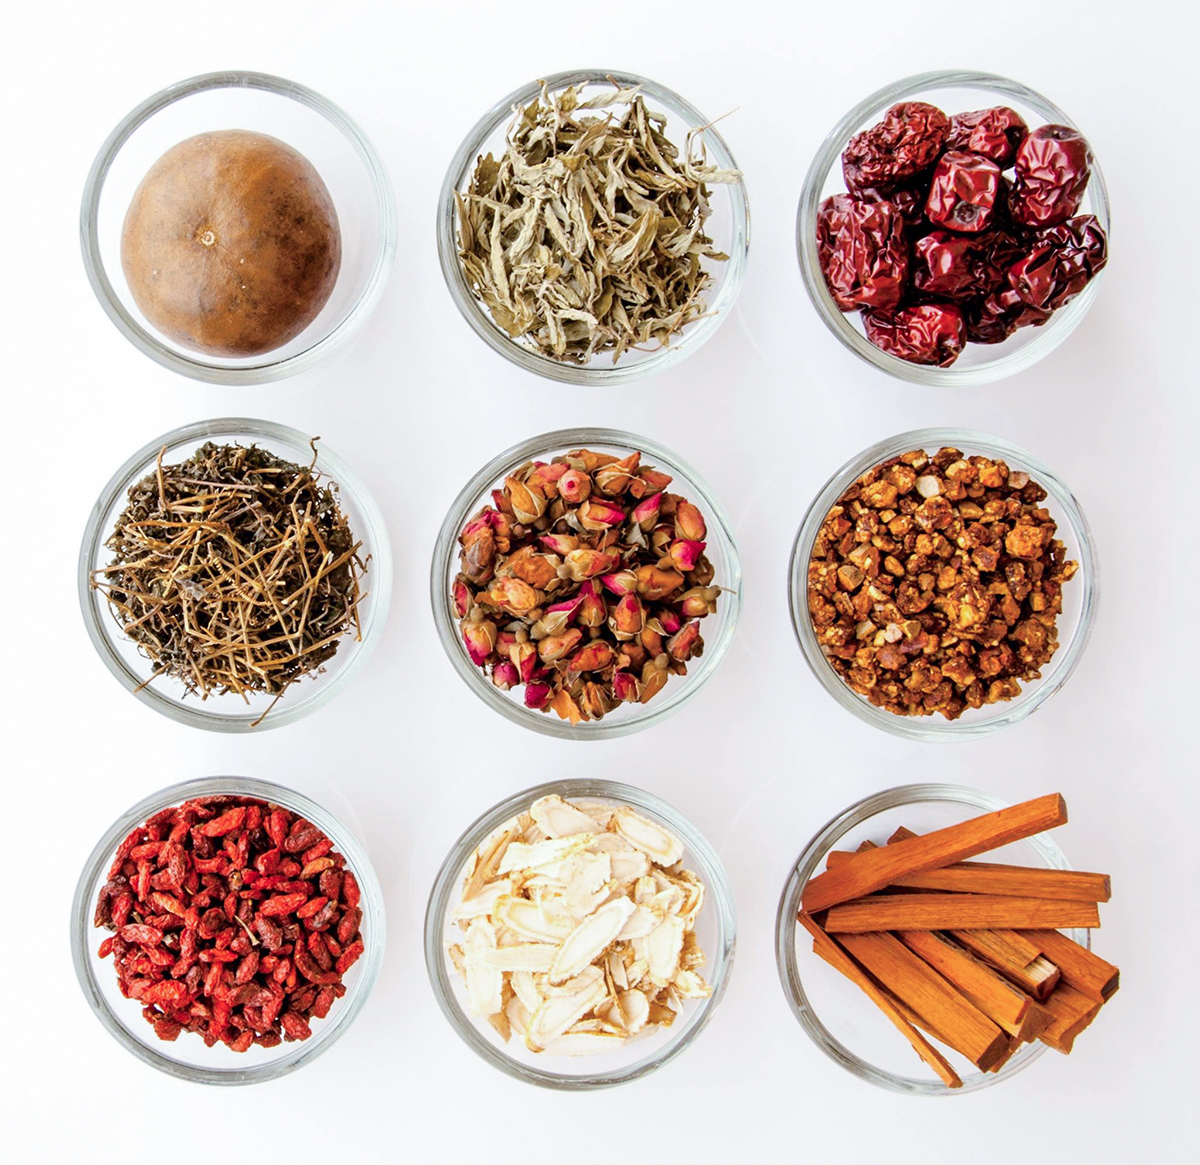 付属のミルで乾物の栄養を丸ごと摂れる|氷も皮付き野菜も滑らかなスムージーに…パワフルな小型ブレンダー|ferrano